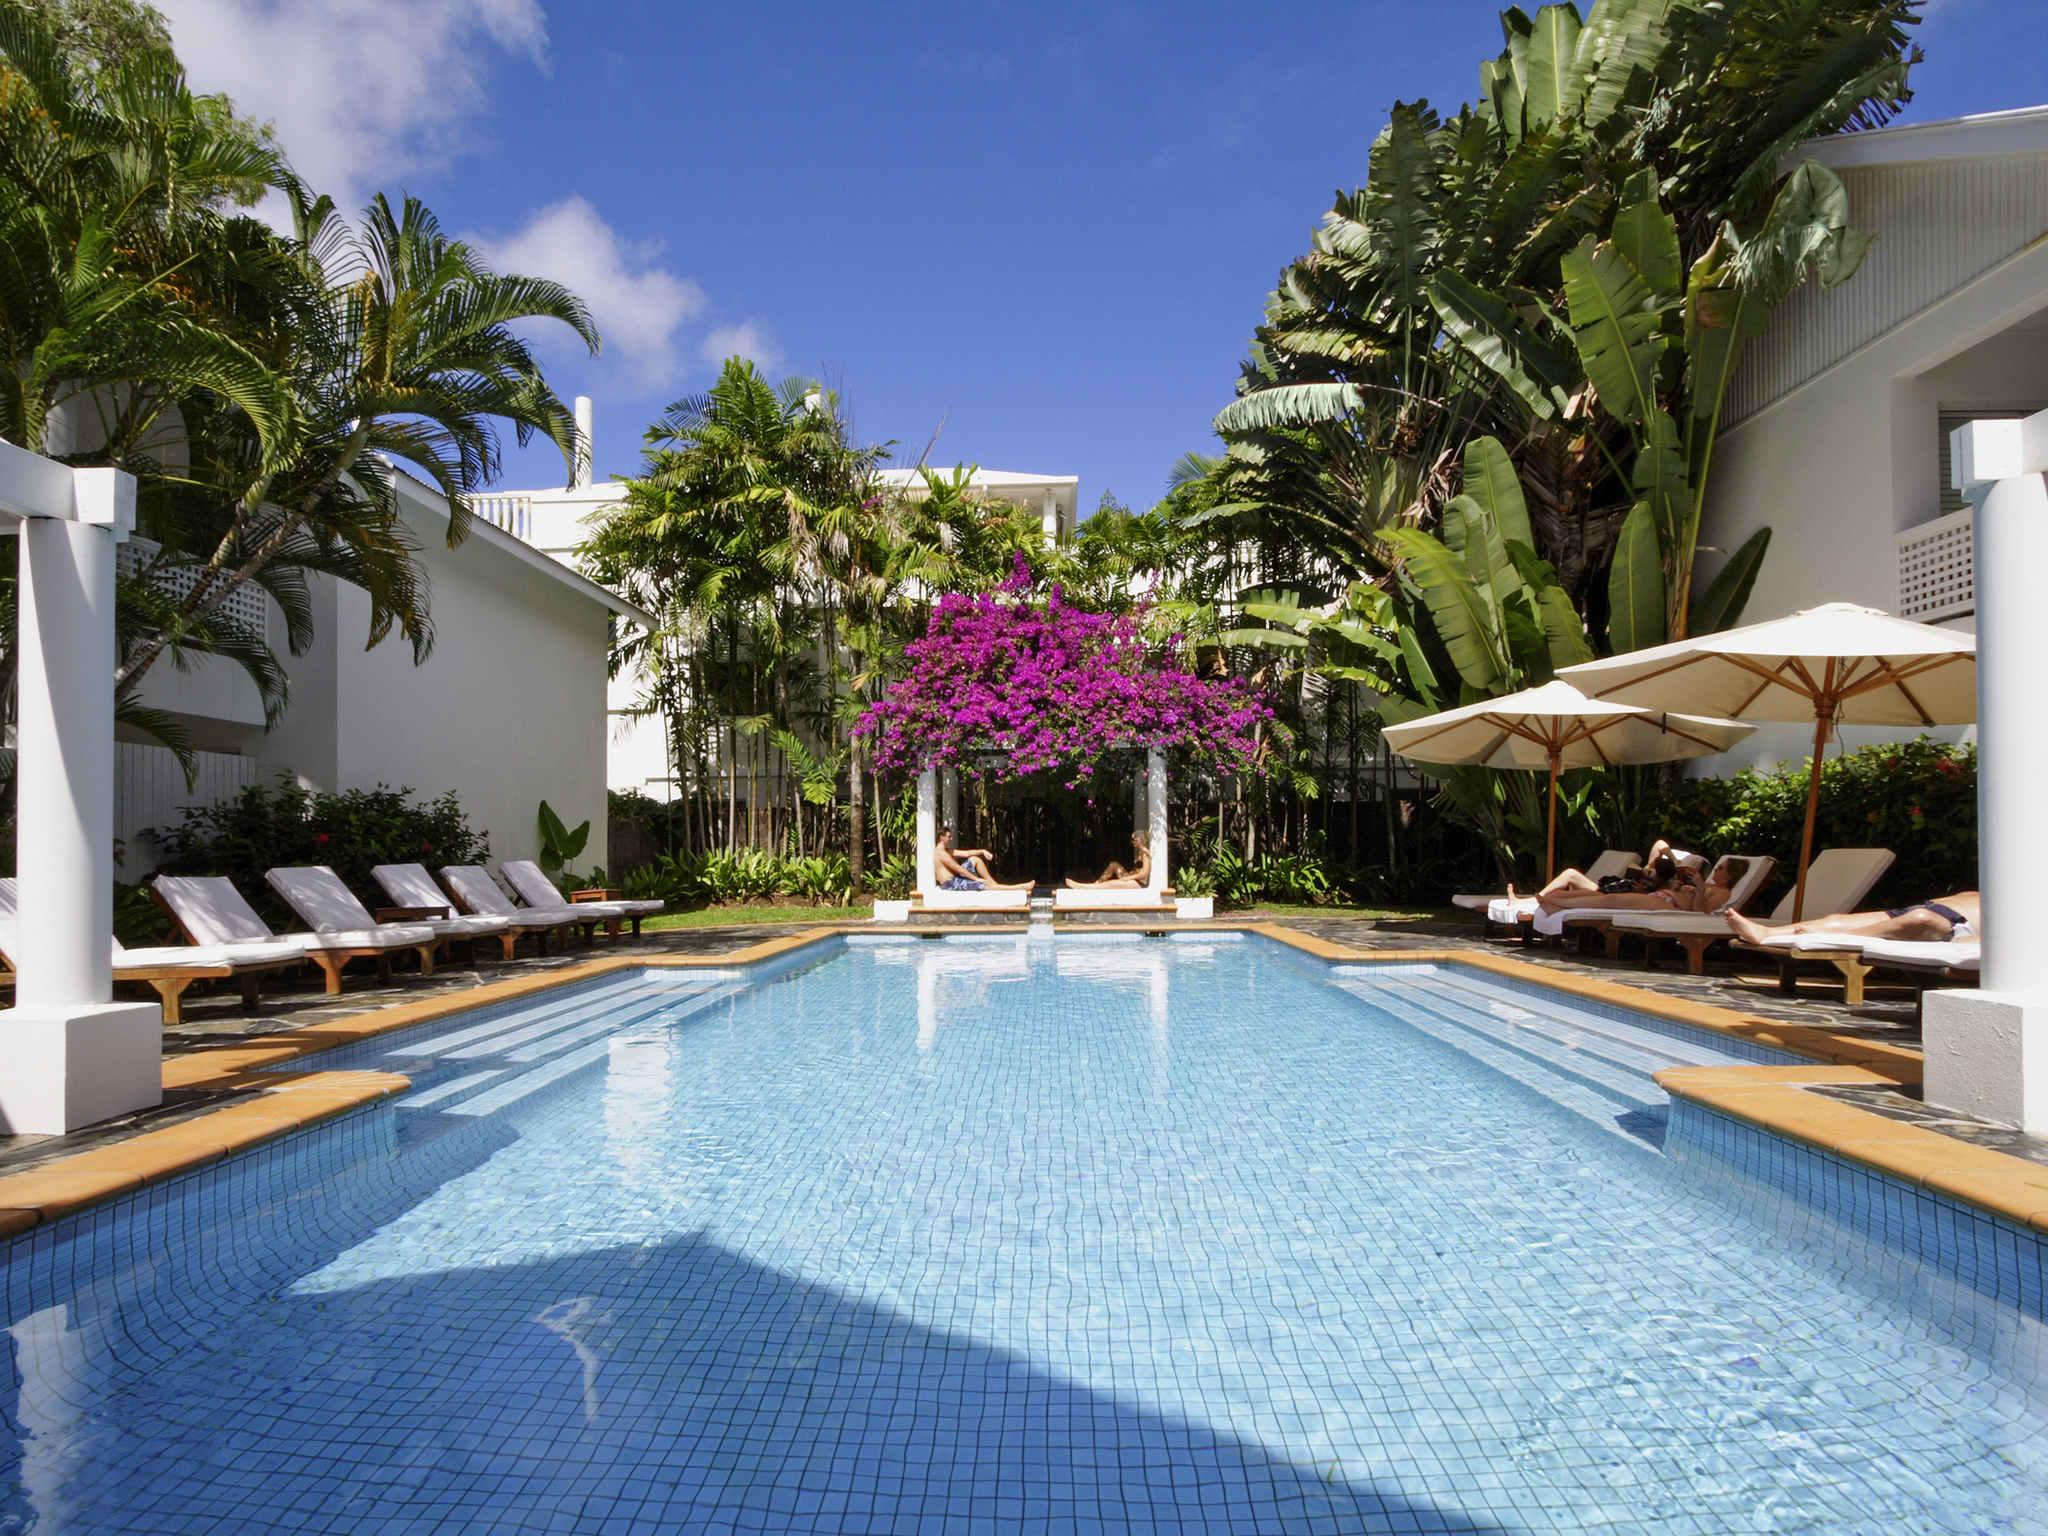 酒店 – 美憬阁索菲特棕榈湾礁楼酒店